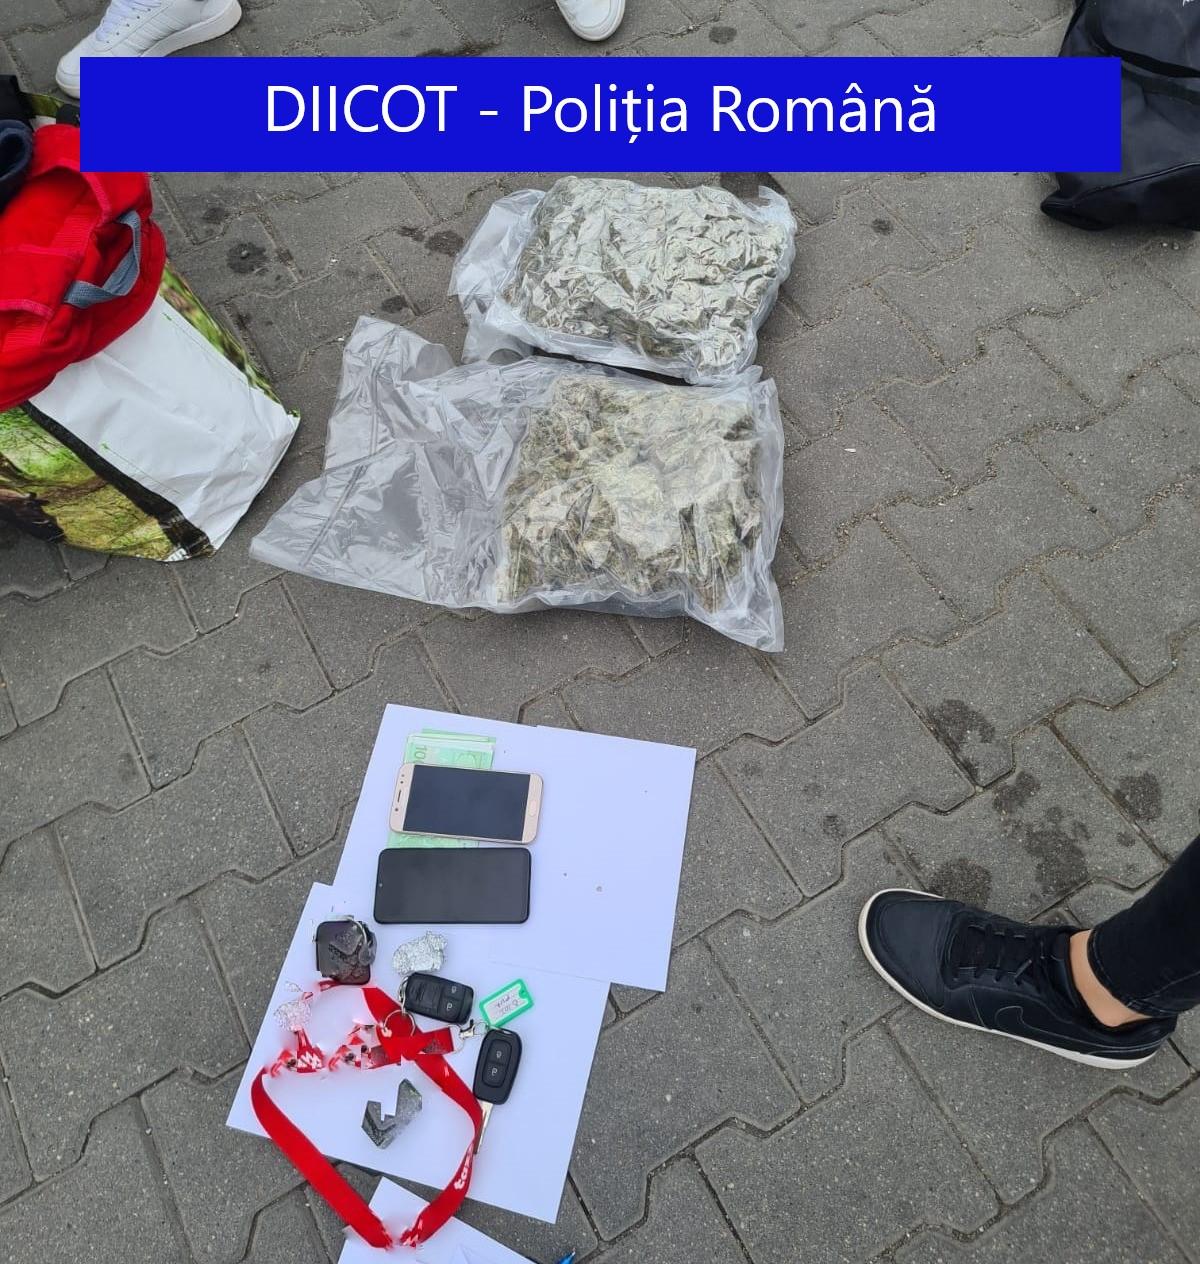 Un tânăr din Cluj a primit un colet din Spania și a fost arestat imediat. Ce era în pachet. GALERIE FOTO